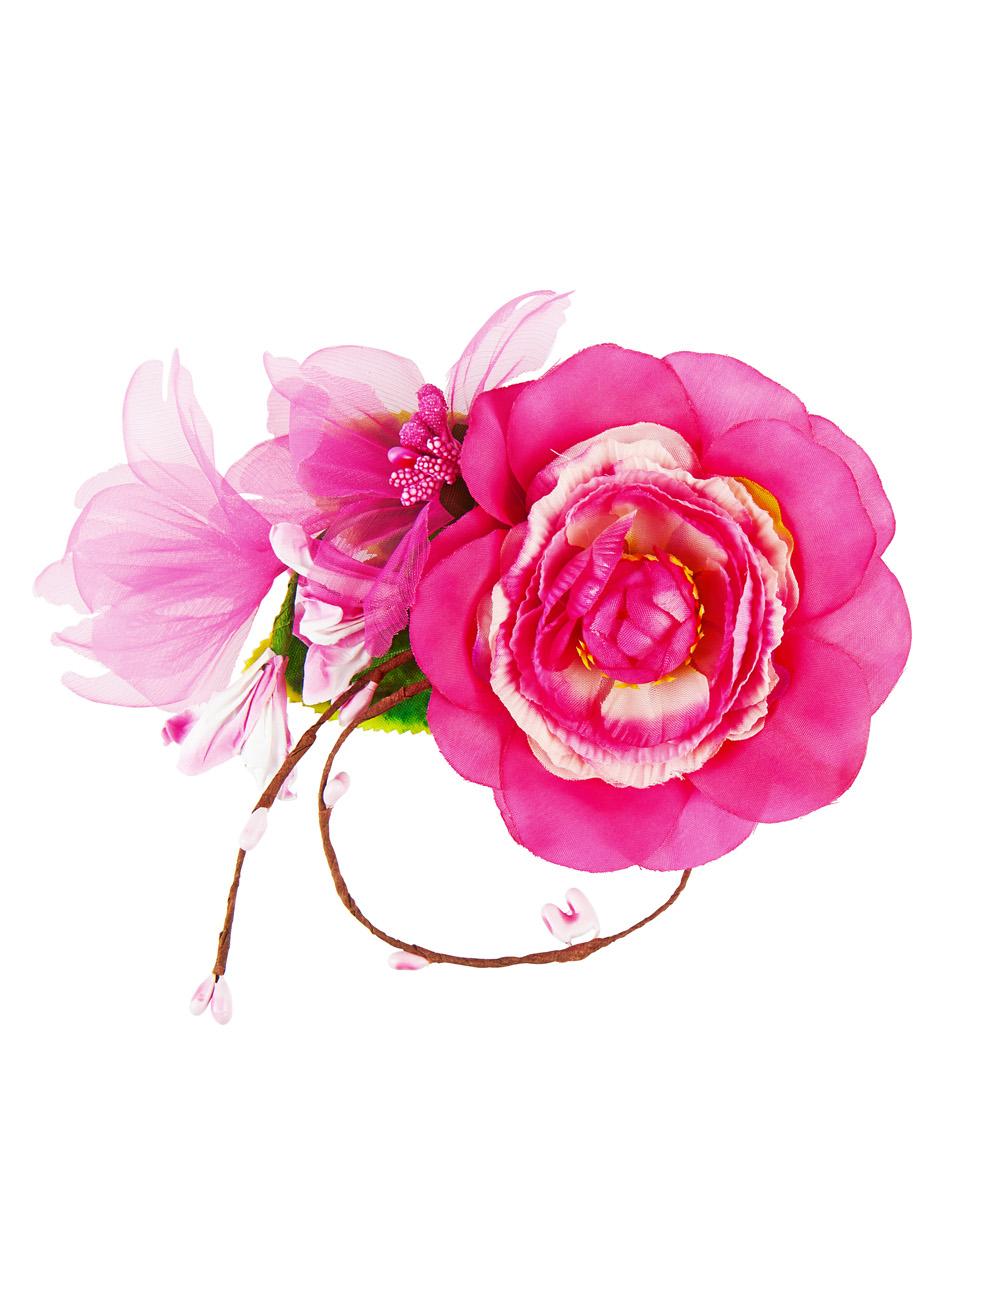 Kostuemzubehor Haarklammer Blume 10cm rosa